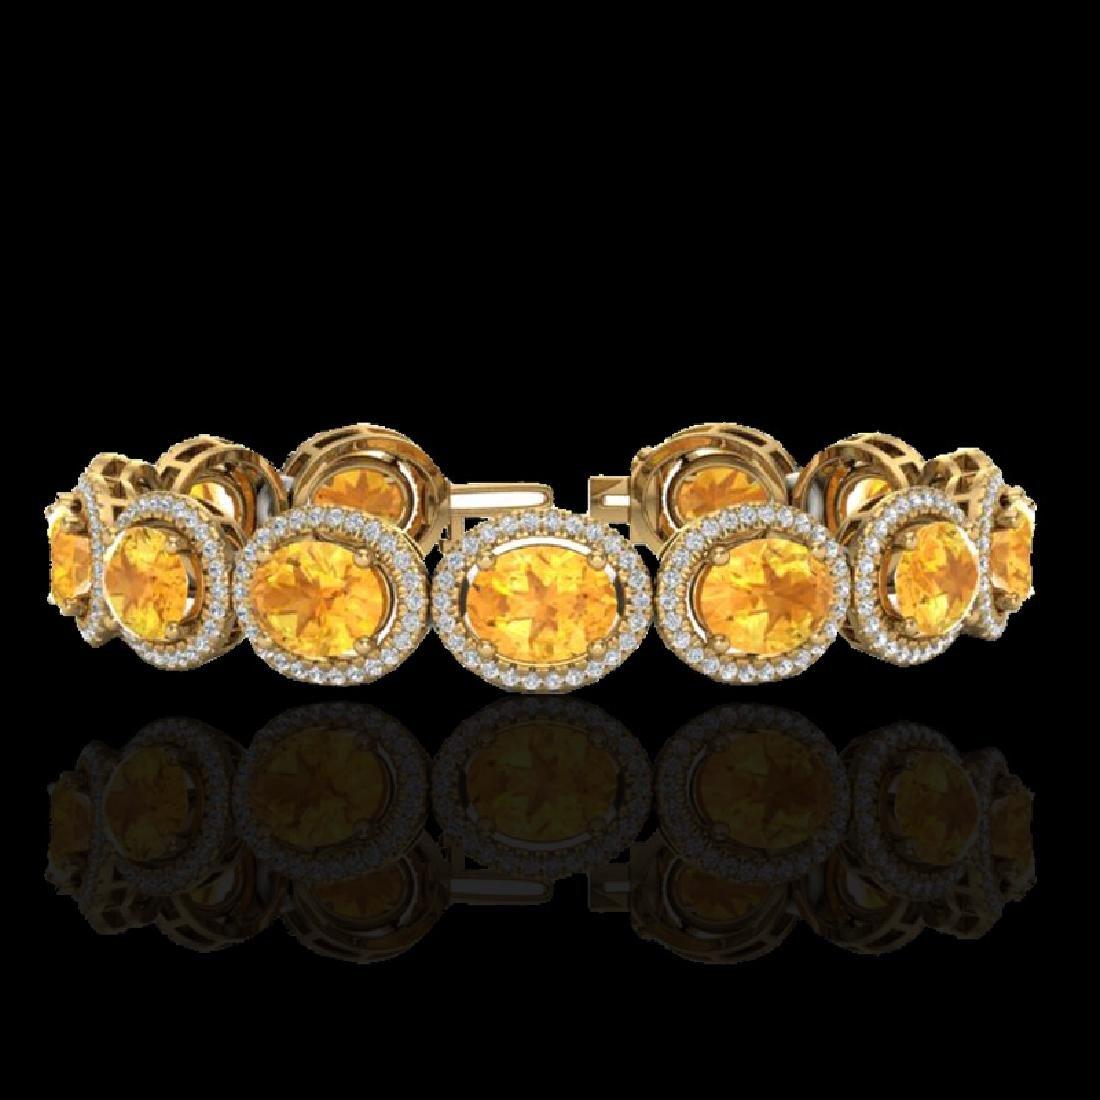 24 CTW Citrine & Micro Pave VS/SI Diamond Bracelet 10K